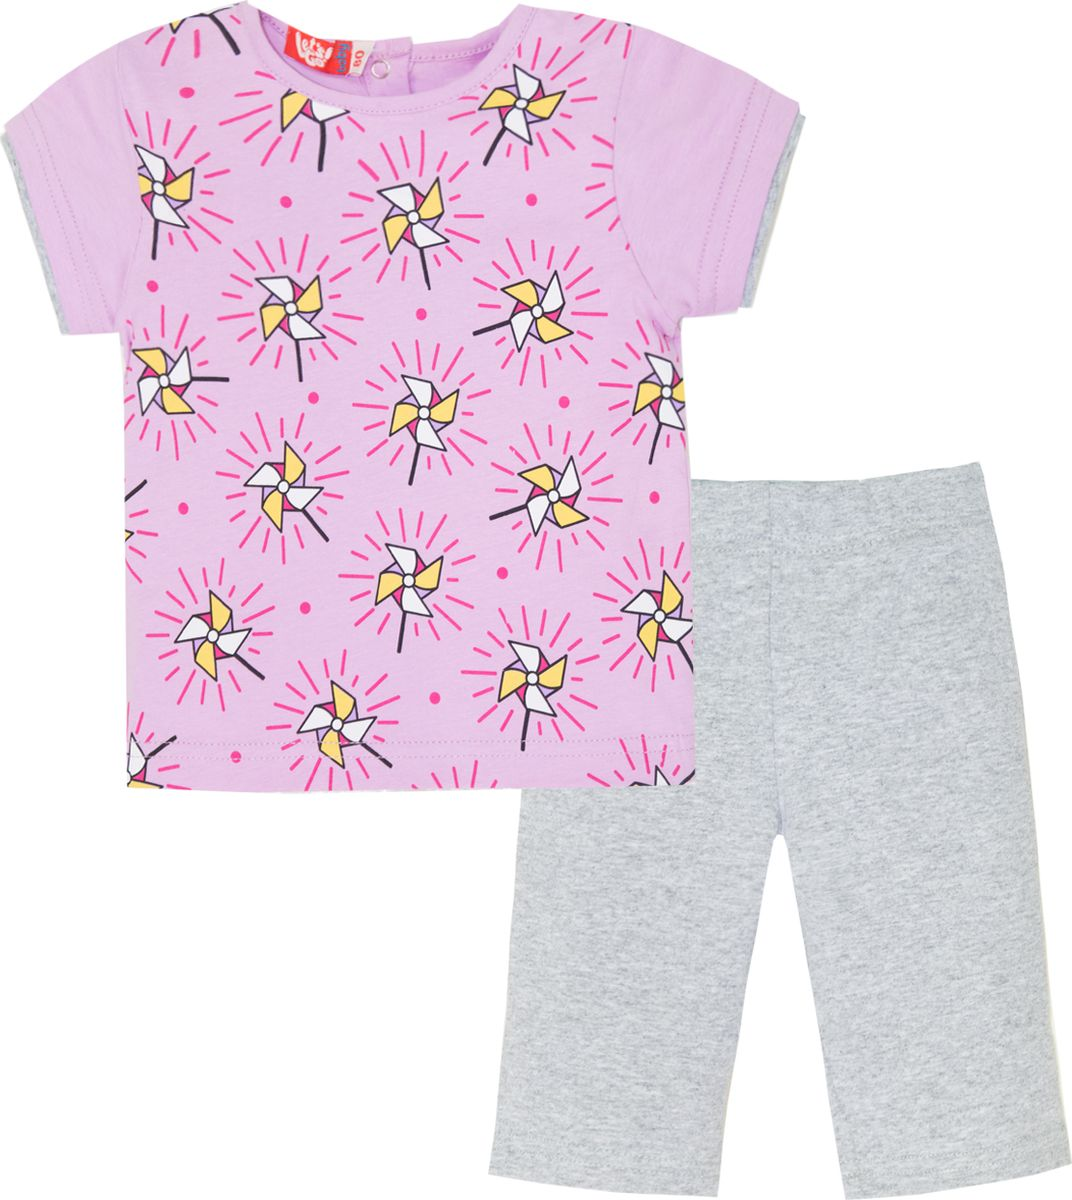 Комплект одежды для девочки Let's Go: футболка, бриджи, цвет: светло-сиреневый, серый. 4116. Размер 86 комплект одежды для девочки let s go футболка бриджи цвет лиловый фиолетовый 4132 размер 74